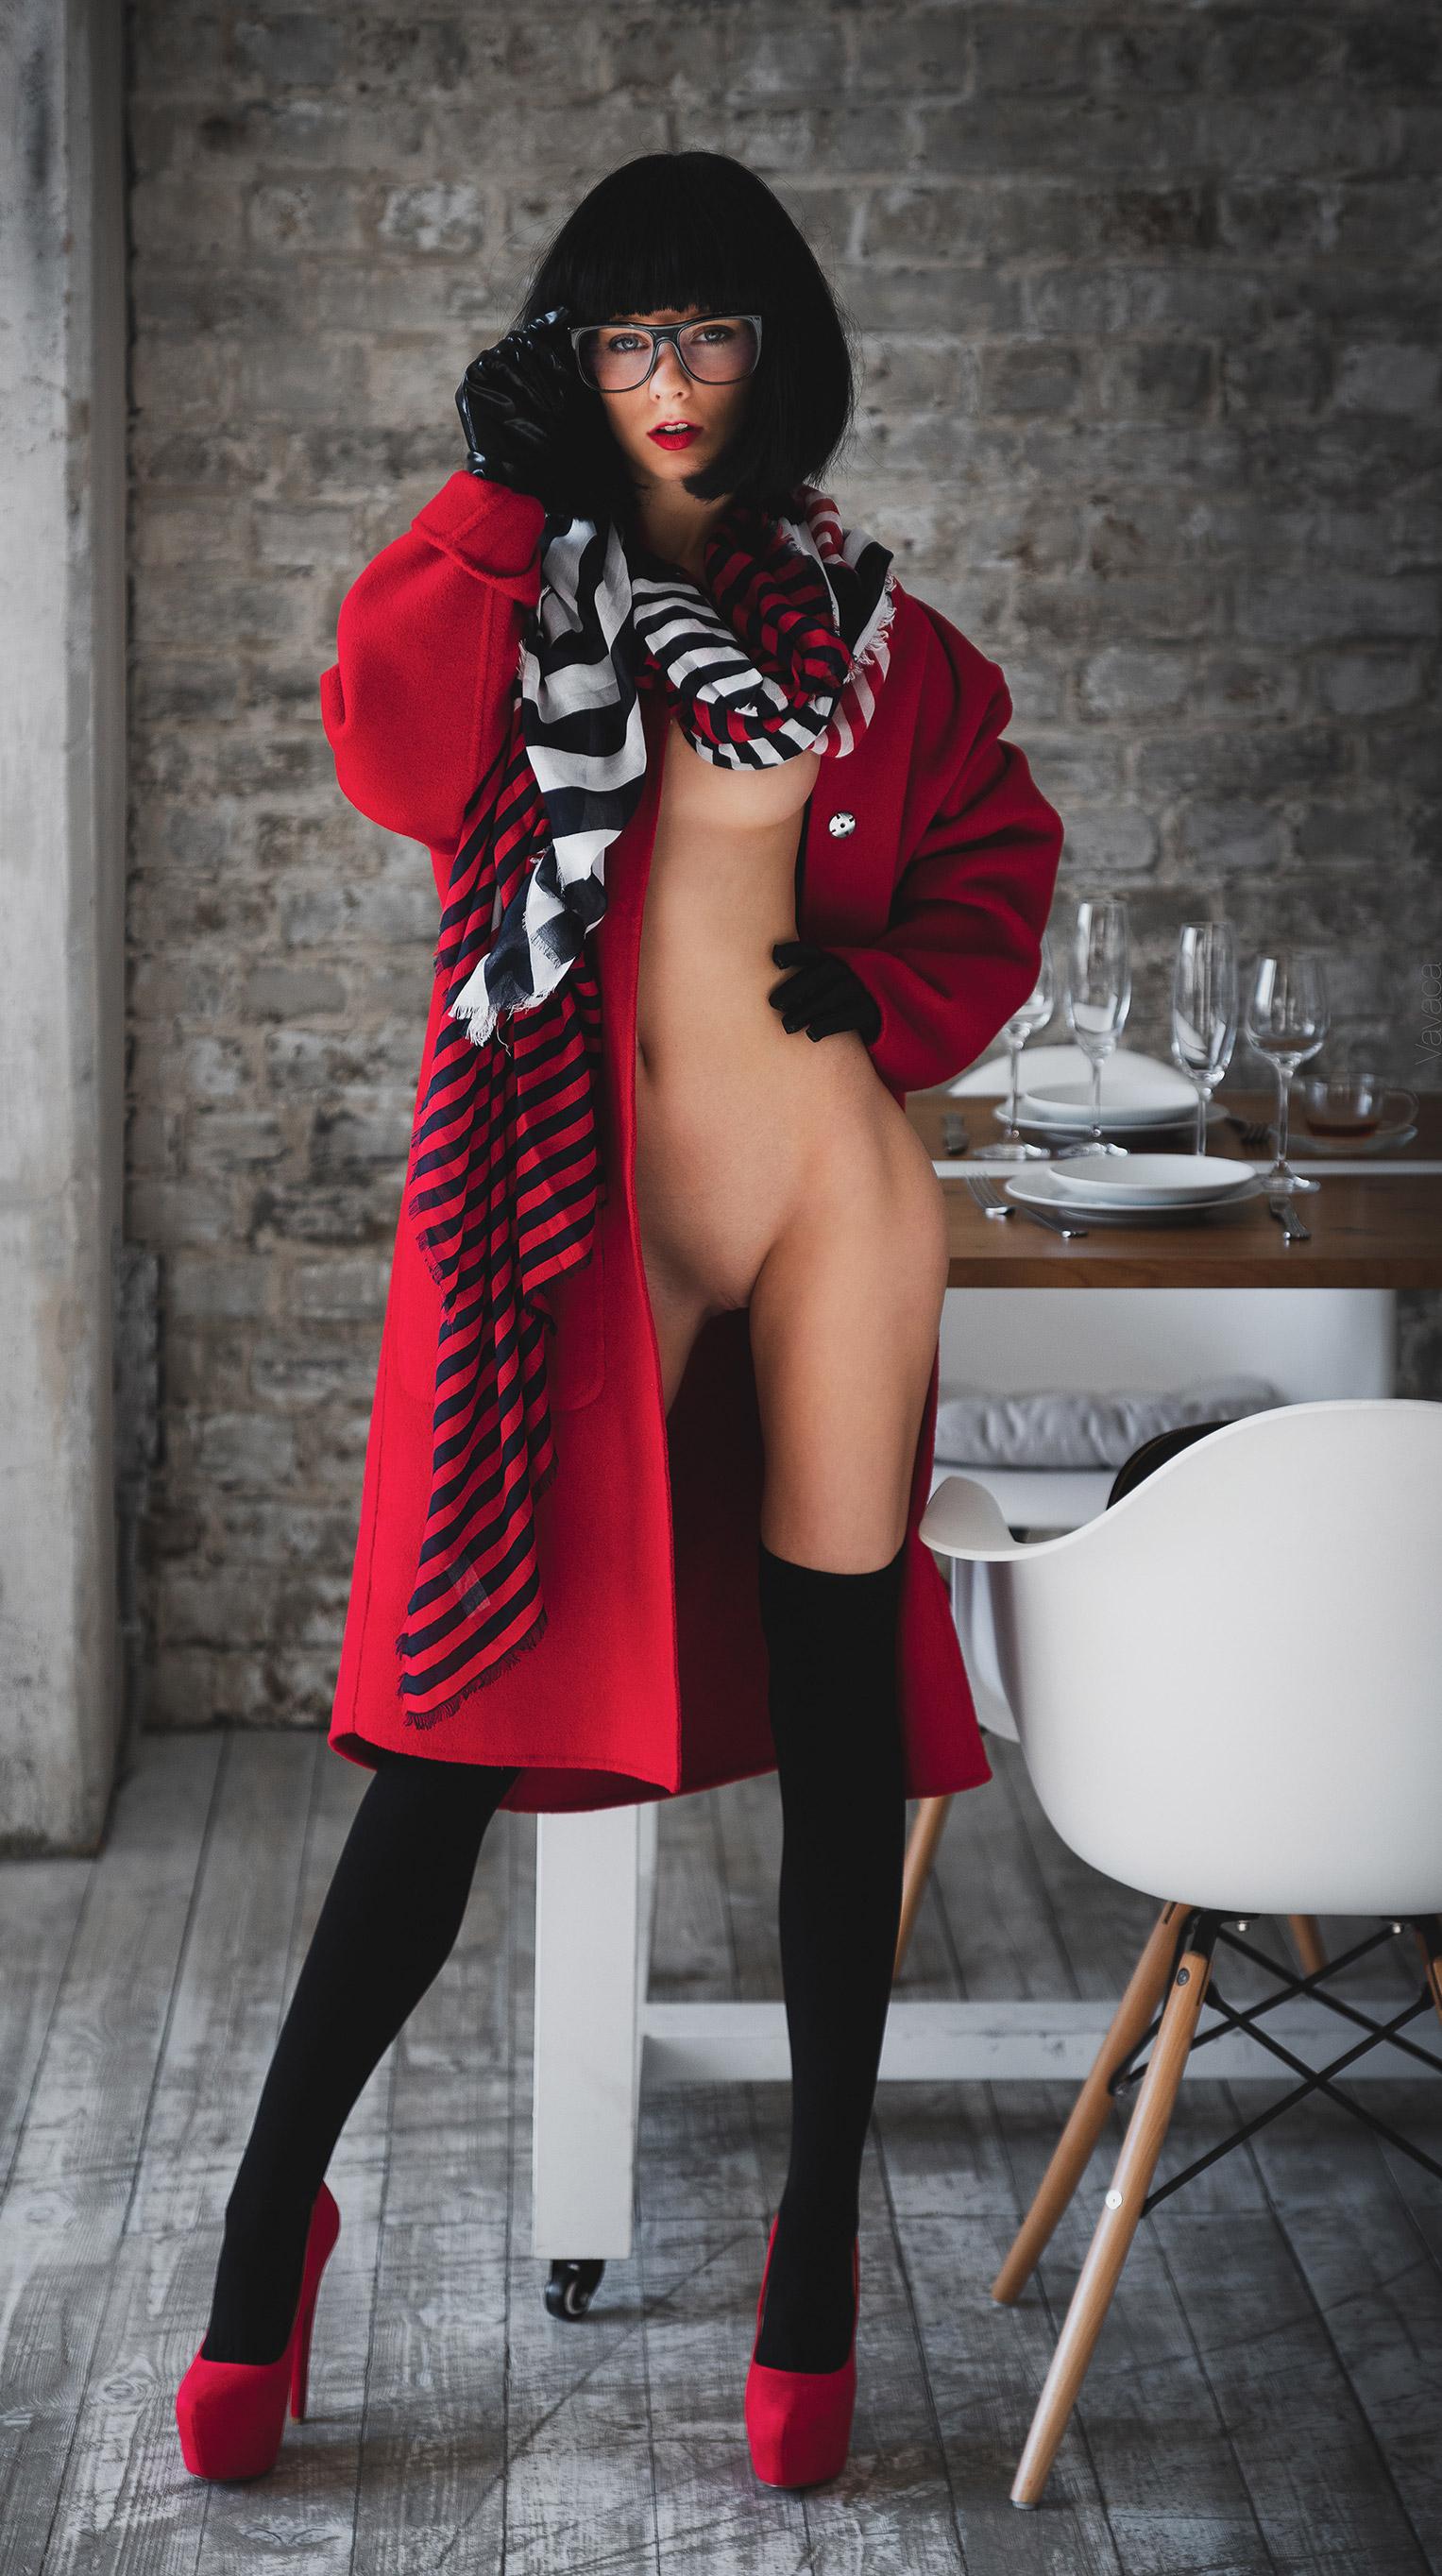 в дорогом ресторане - Марта Громова / Marta Gromova nude by Vladimir Nikolaev